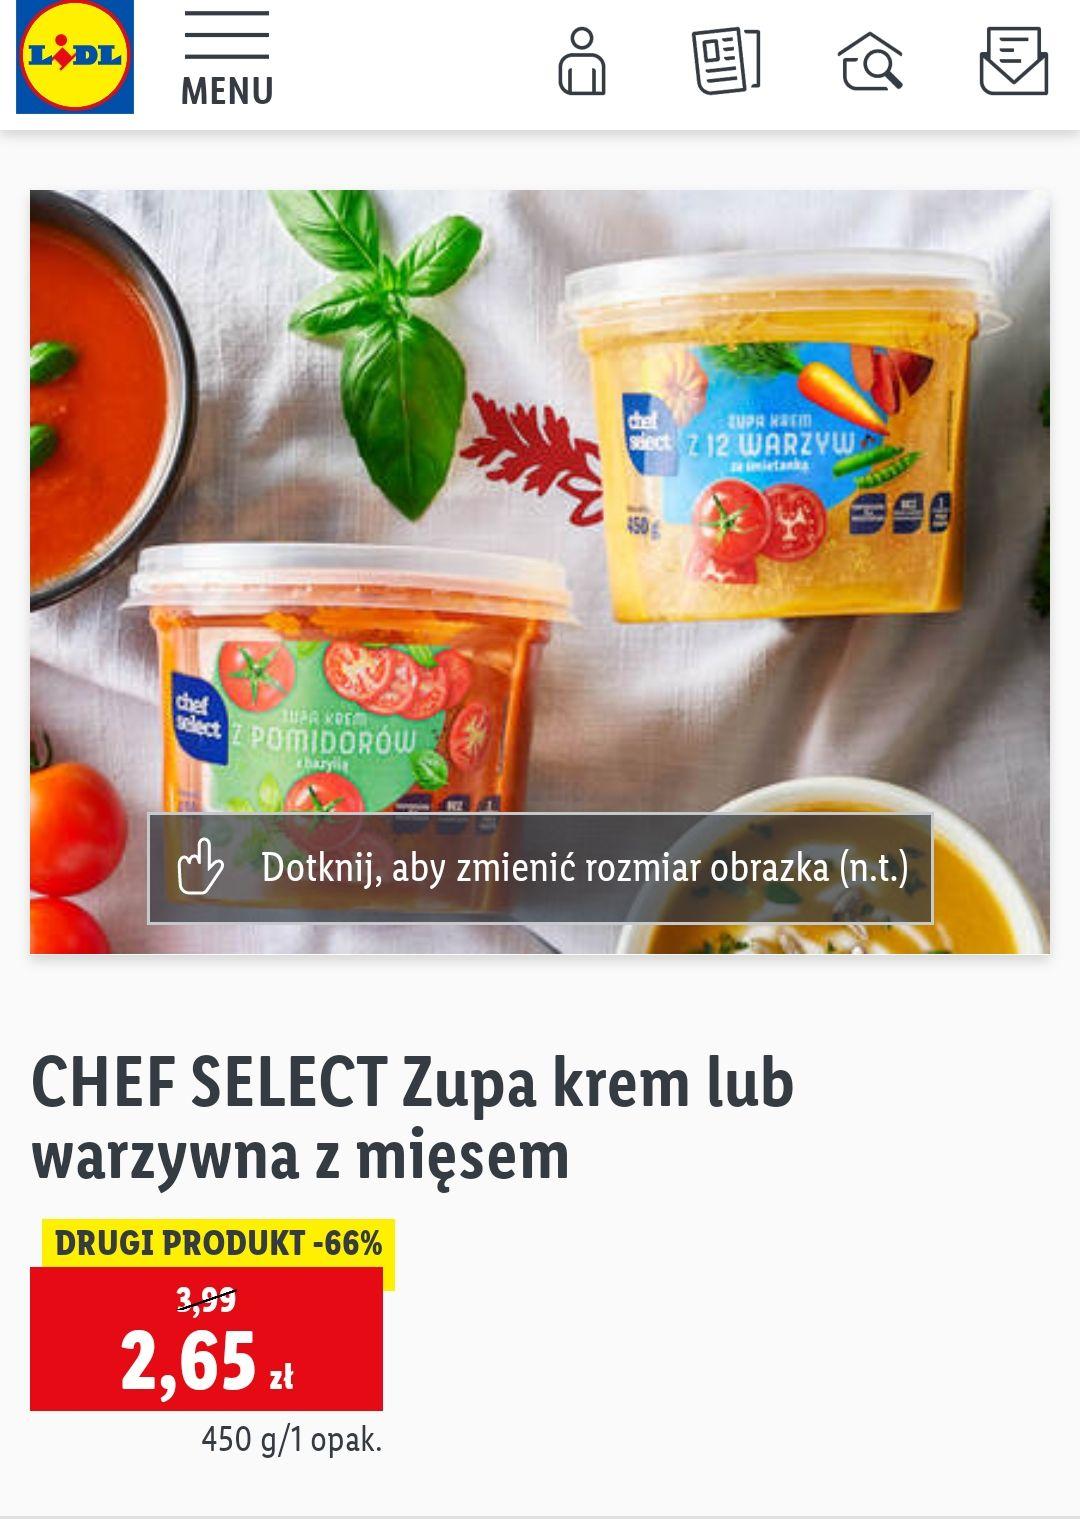 Zupa krem lub warzywna z mięsem 450g w Lidl. Cena przy zakupie dwóch.